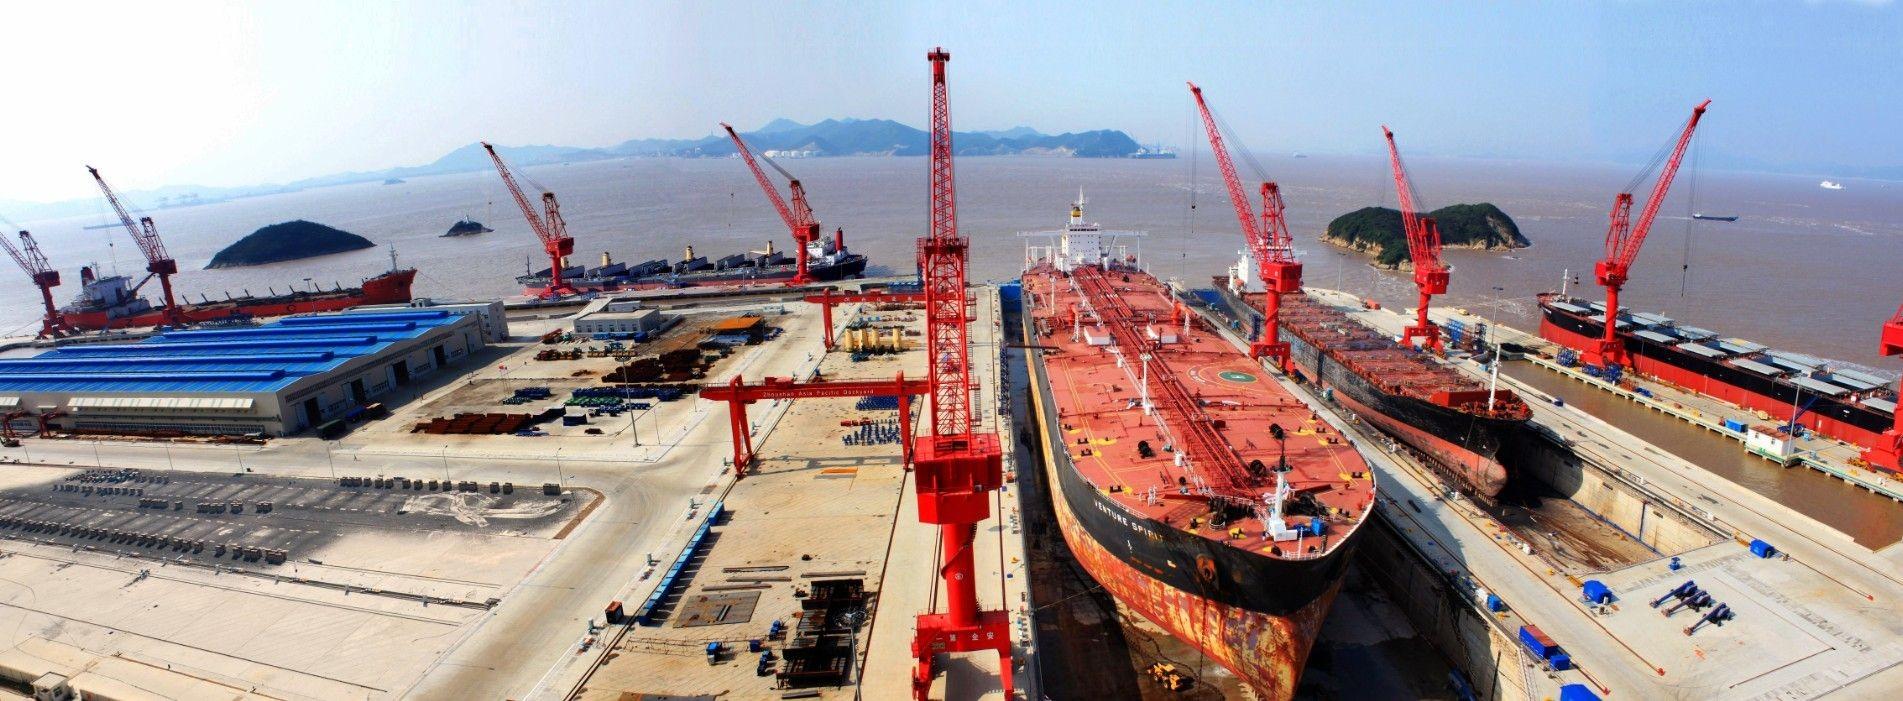 Единственное, чем славится Чжоушань - это порт. Фото: 100dorog.ru